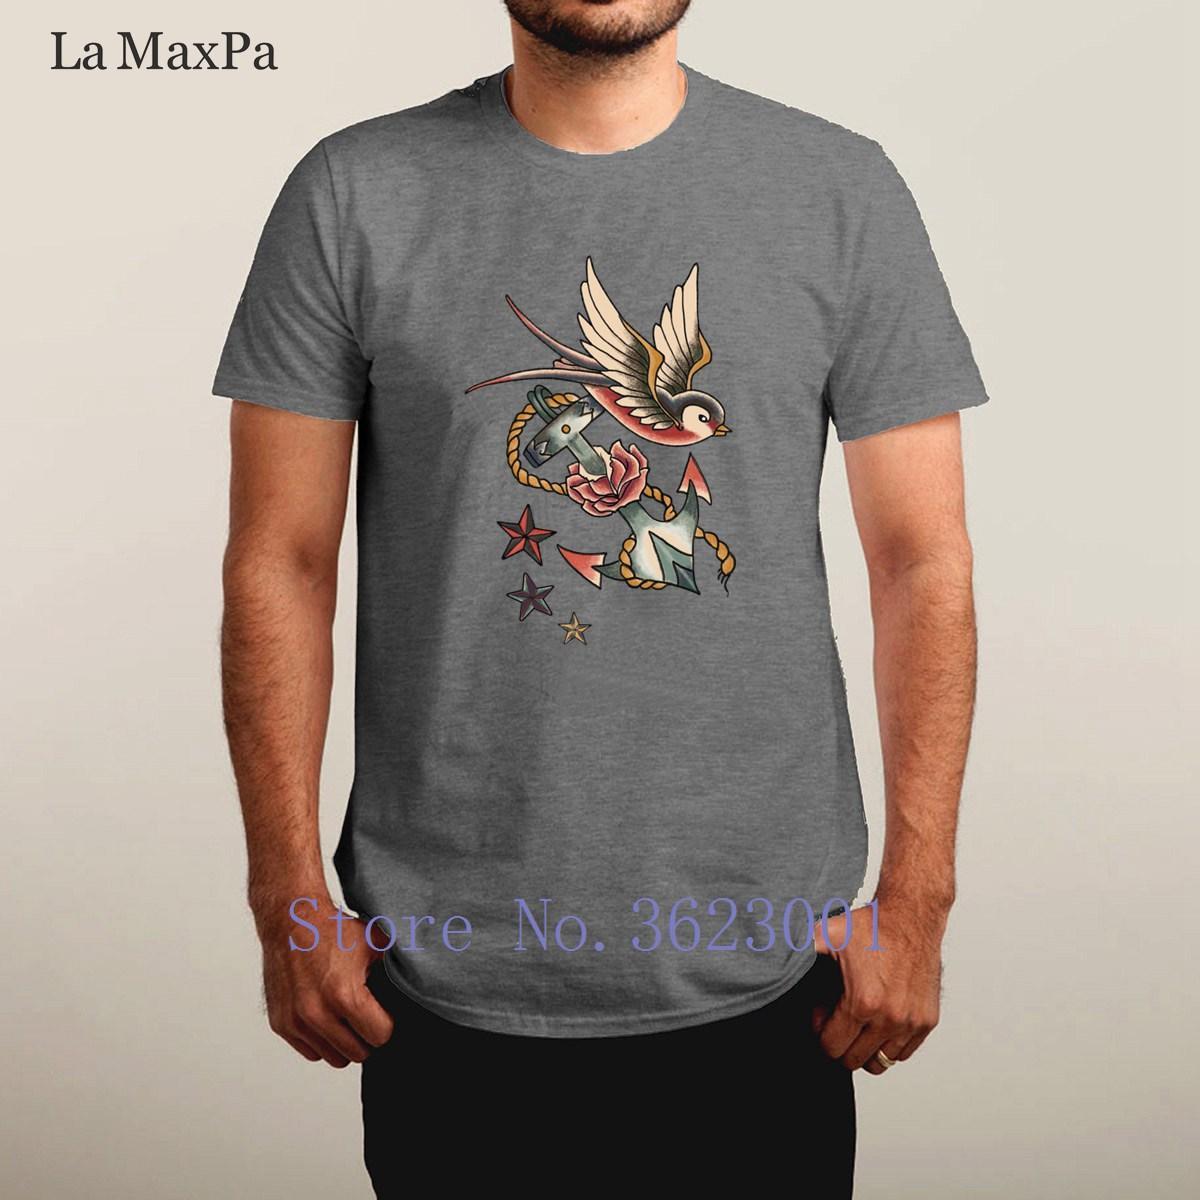 Tasarım Mektupları Retro Dövme erkek Tişörtlü Trendy Temel Katı Tee Gömlek Mizah Yuvarlak Yaka Üst Kalite mens